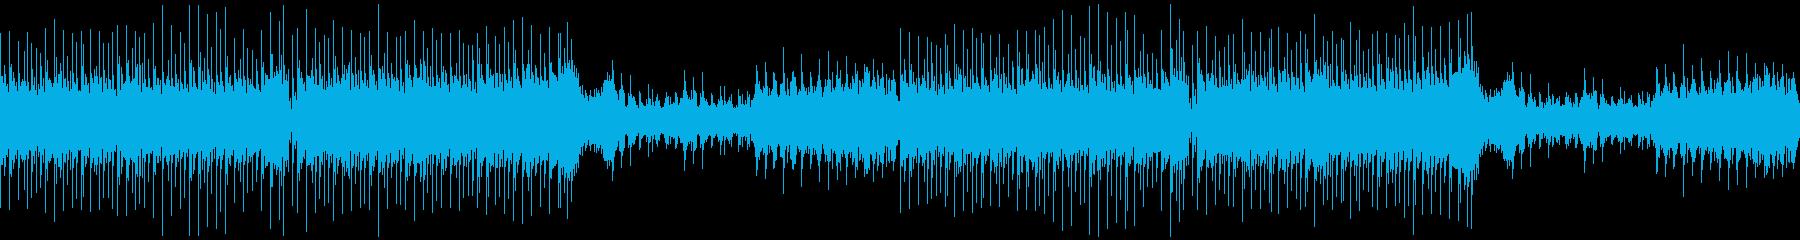 【ループ/メロなし】かっこいい和風EDMの再生済みの波形